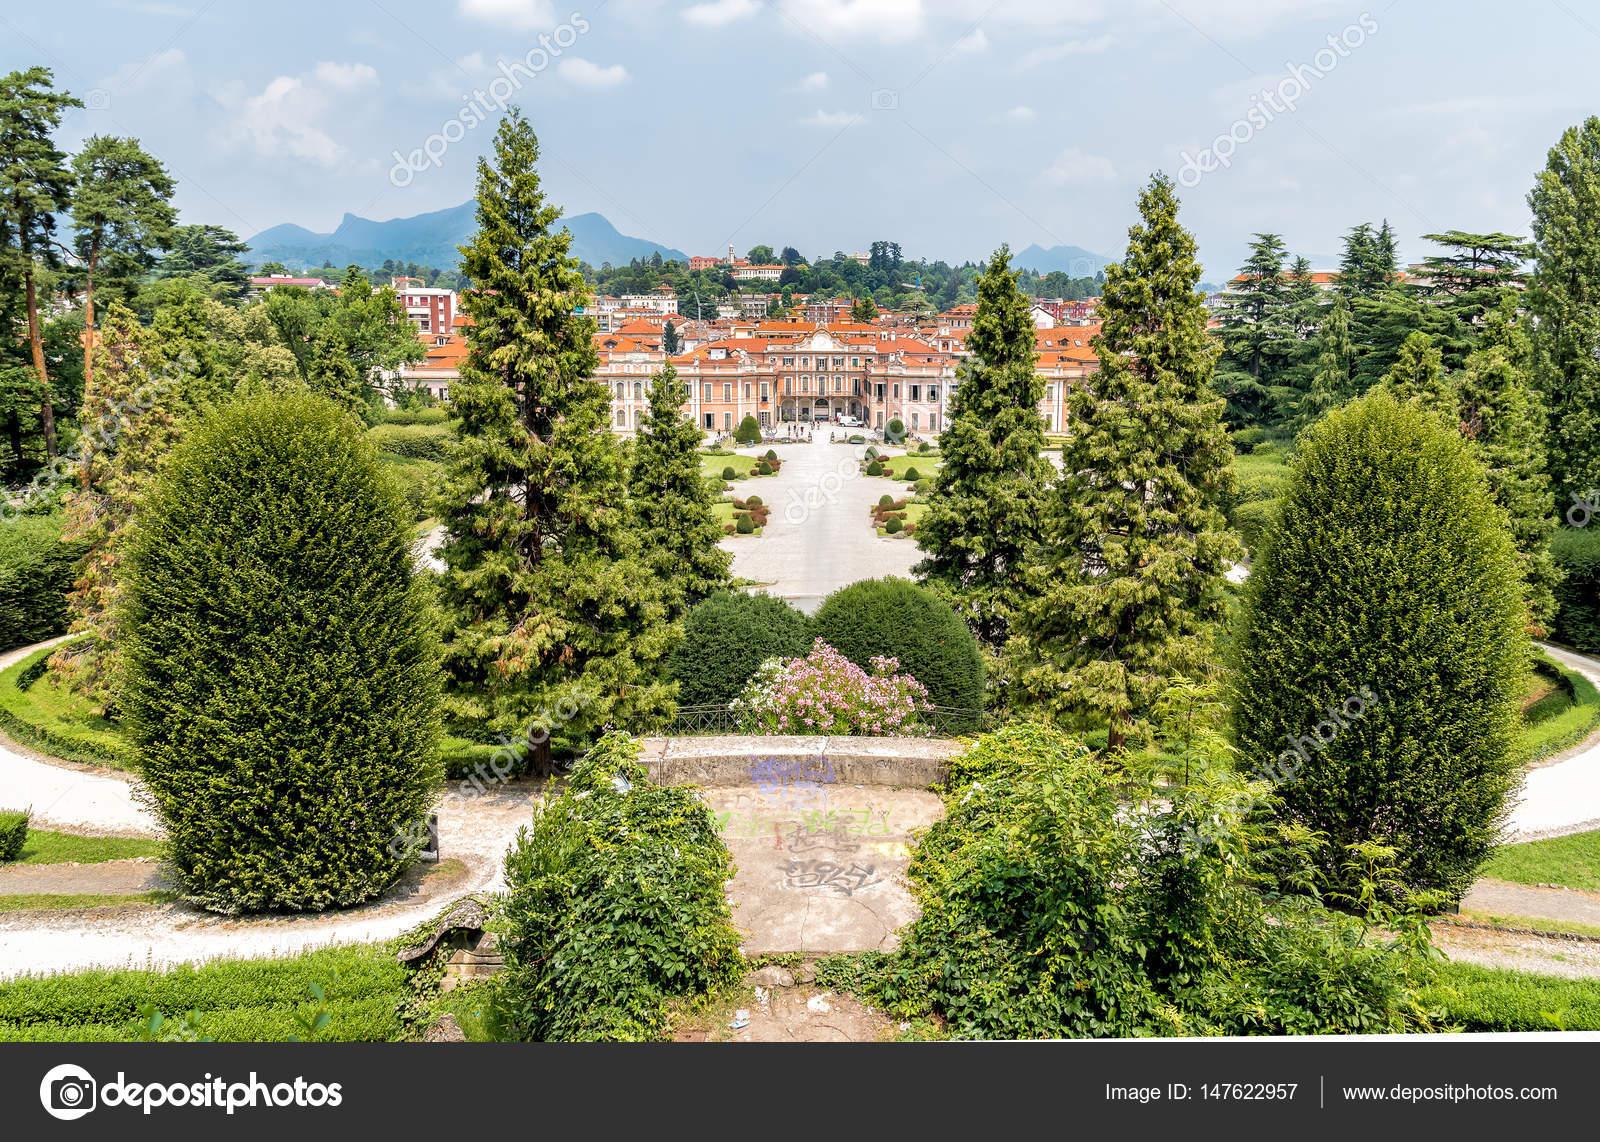 Varese Italien gärten estense palast palazzo estense varese italien